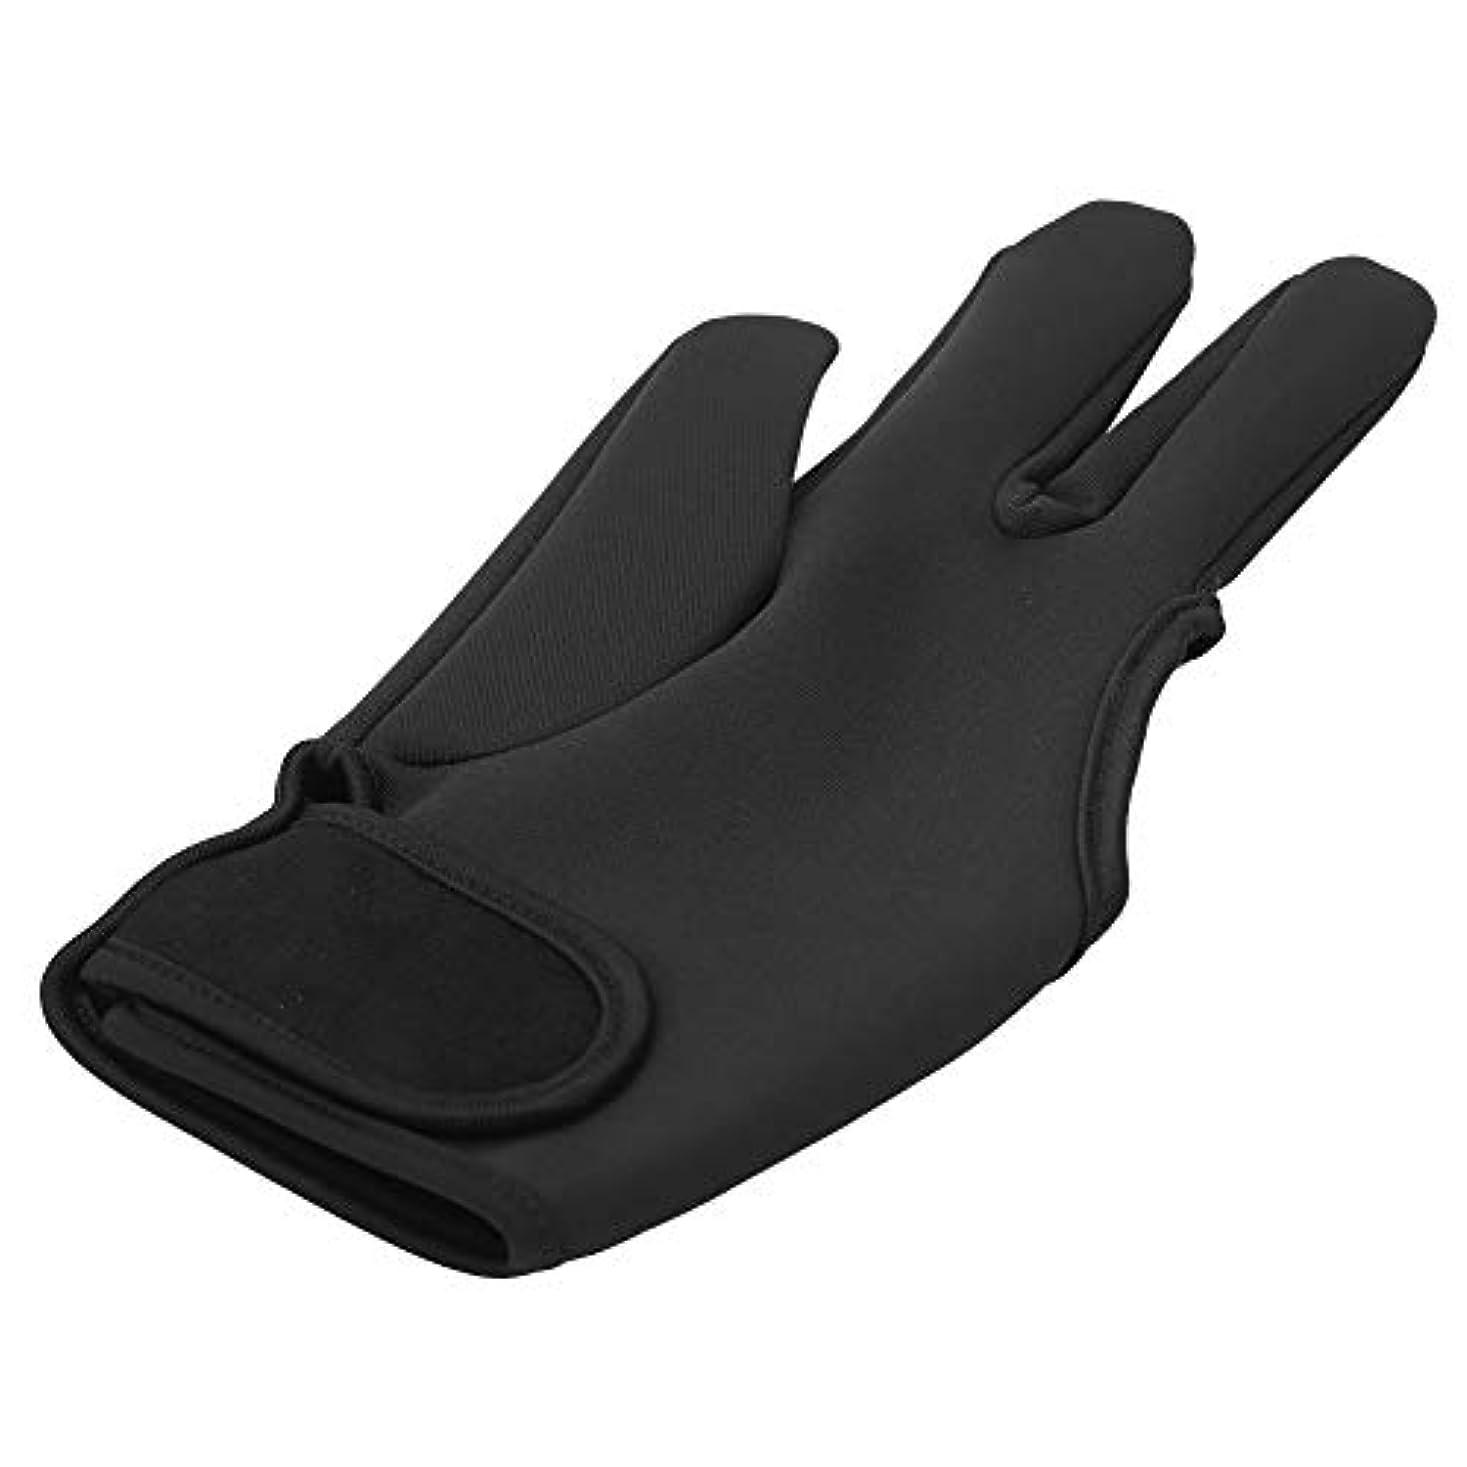 スクラップに沿ってホース理髪手袋、理髪を行うときに手をやけどするのを防ぐためのプロの耐熱プルーフグローブ、美容院に最適